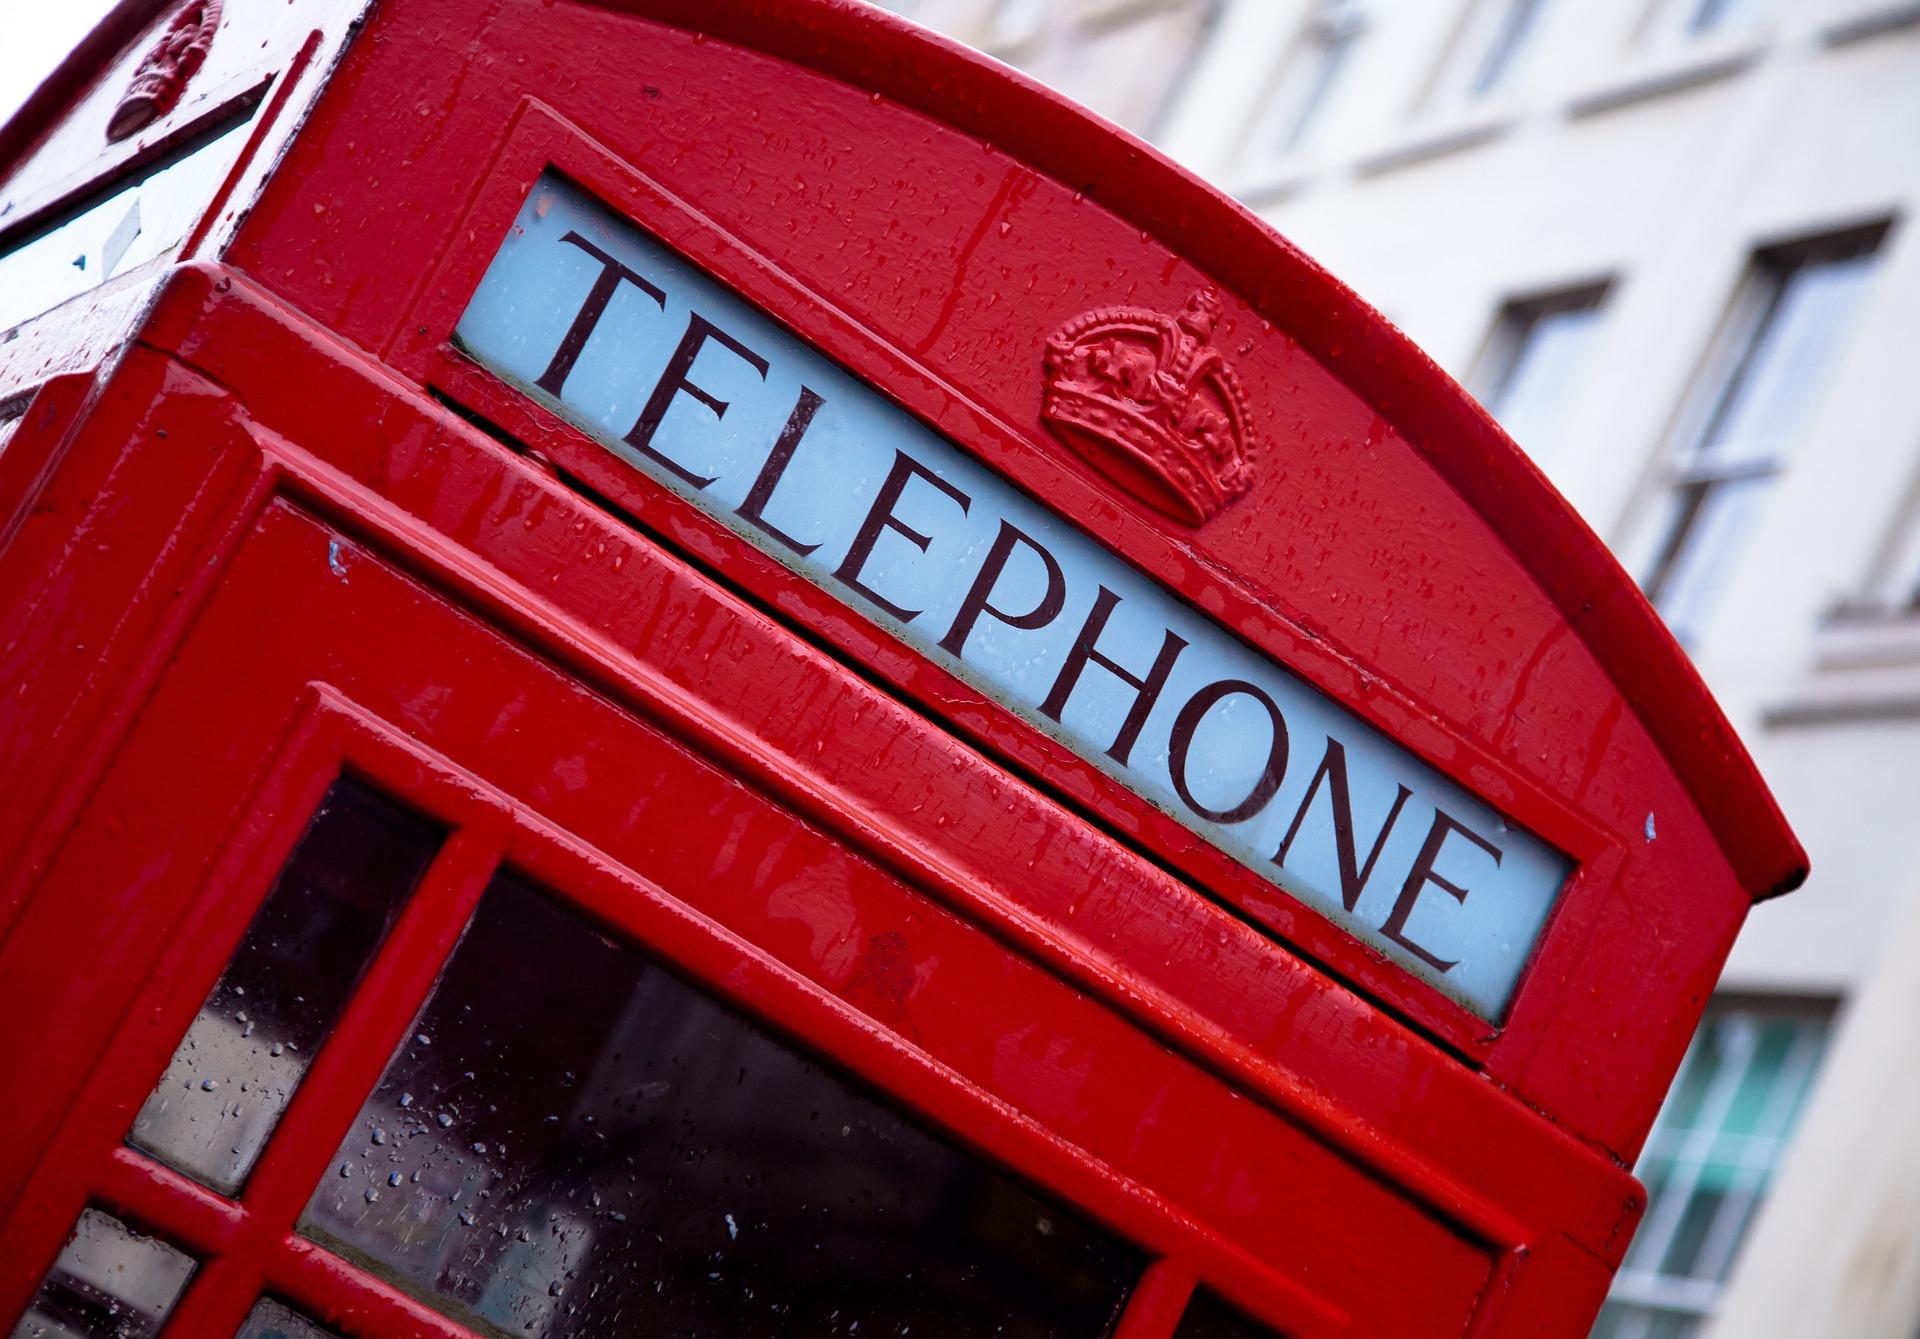 cabina de teléfono británica